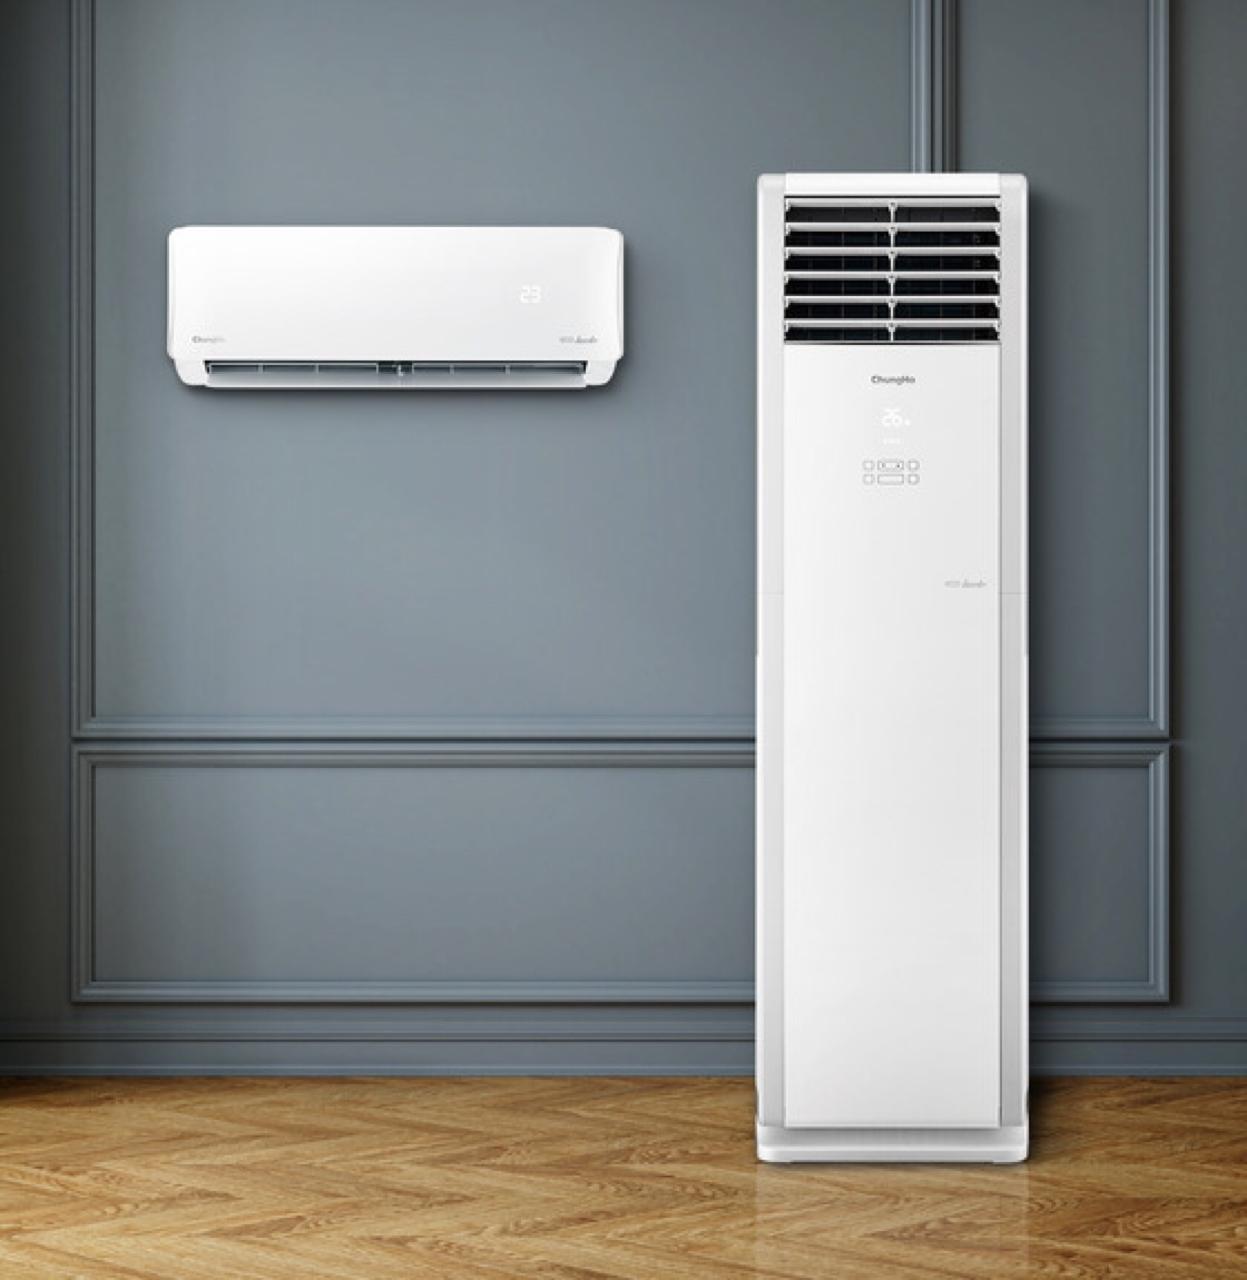 역시즌 에어컨 할인판매, 냉난방기 특가판매